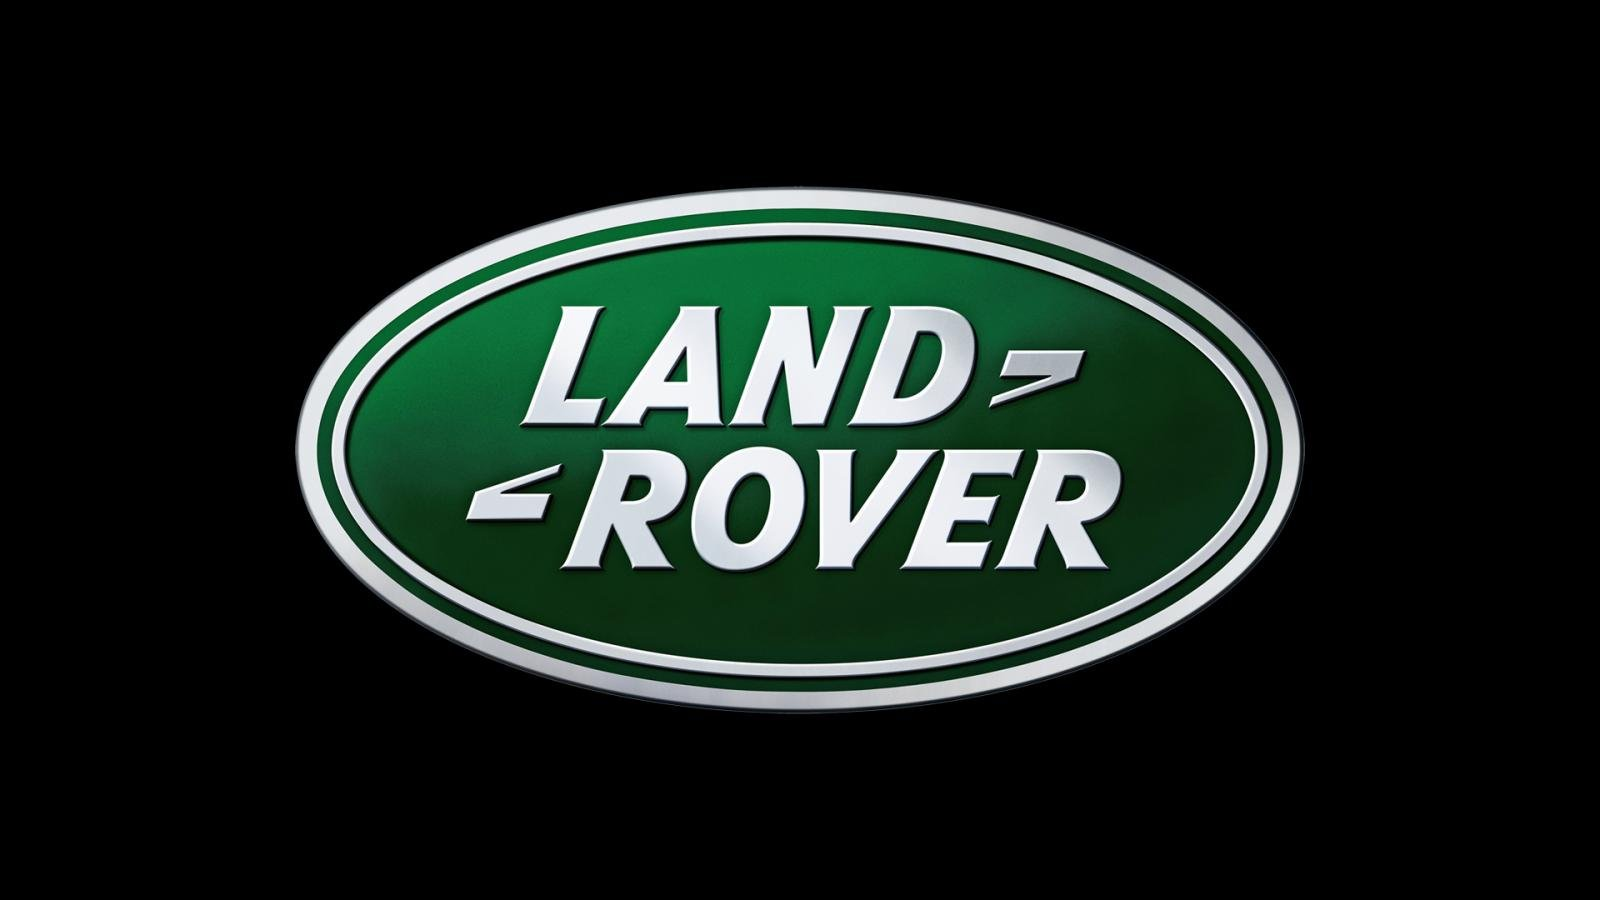 Logo biểu tượng của hãng xe Land Rover